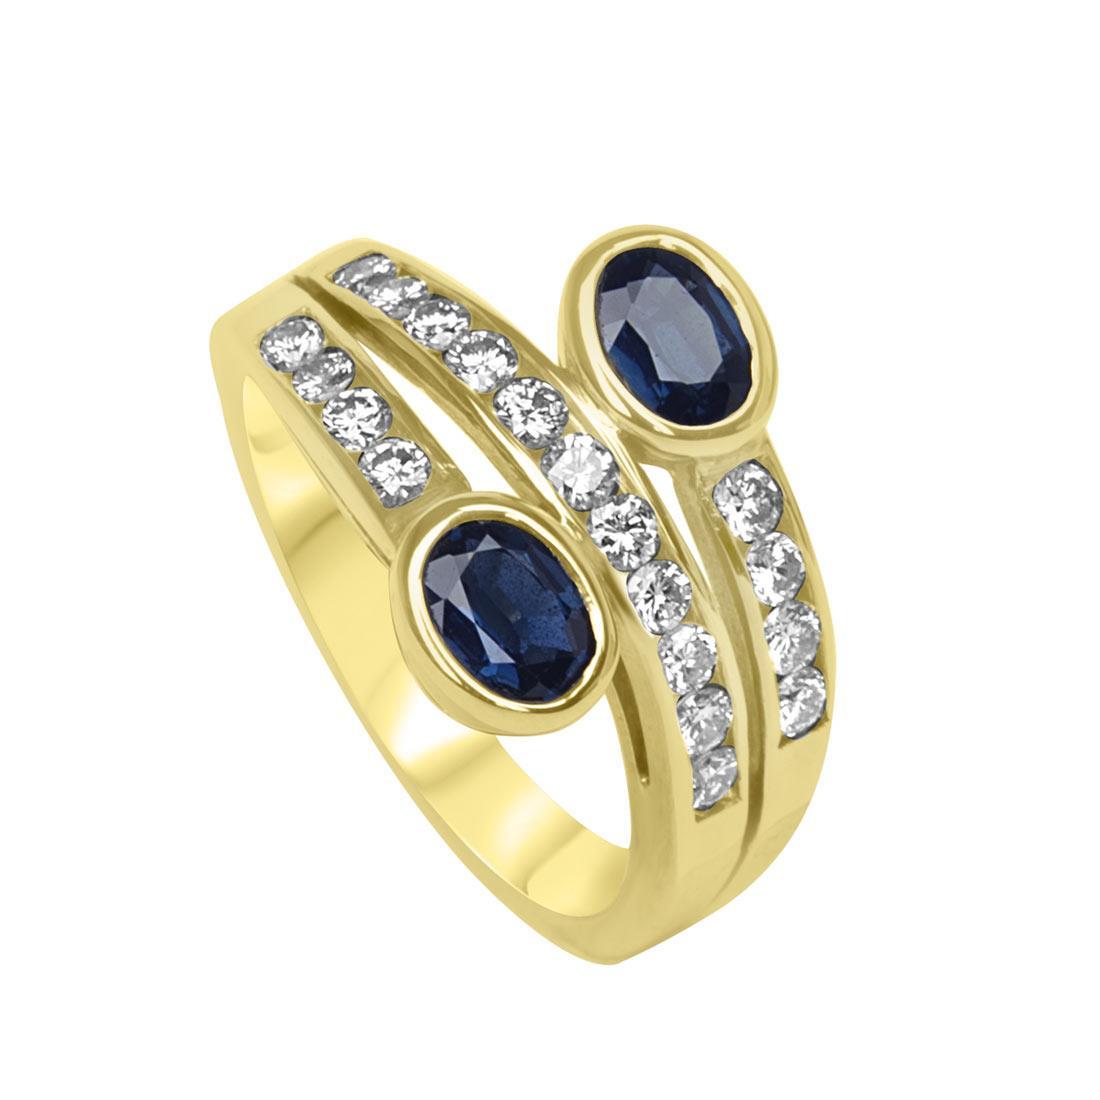 Anello in oro giallo con diamanti ct 0.57 e zaffiri ct 0.89 mis 14 - ORO&CO